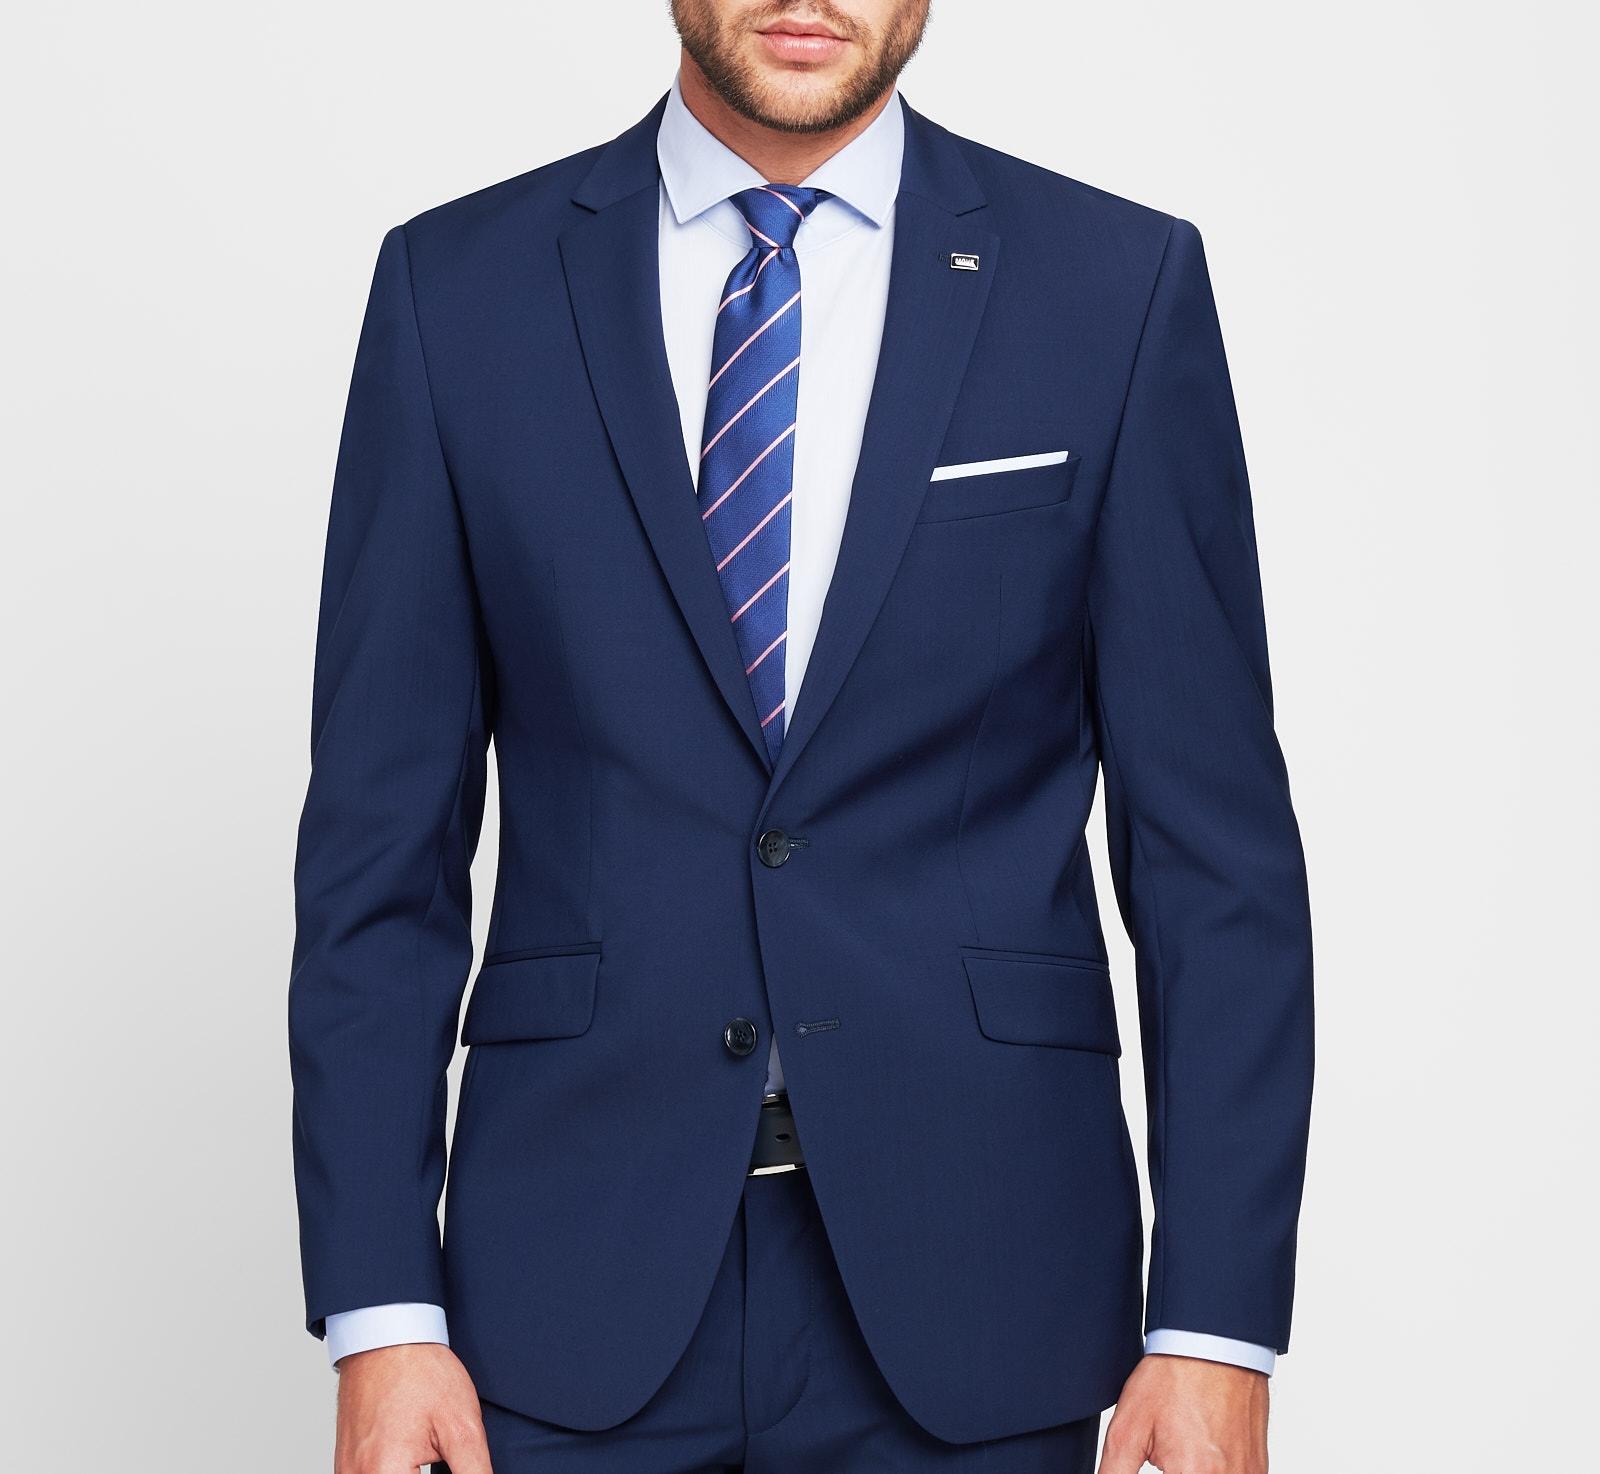 35dd6cec02 Negozio online abiti moda uomo slim fit Digel collezione 2018 saldi -10%